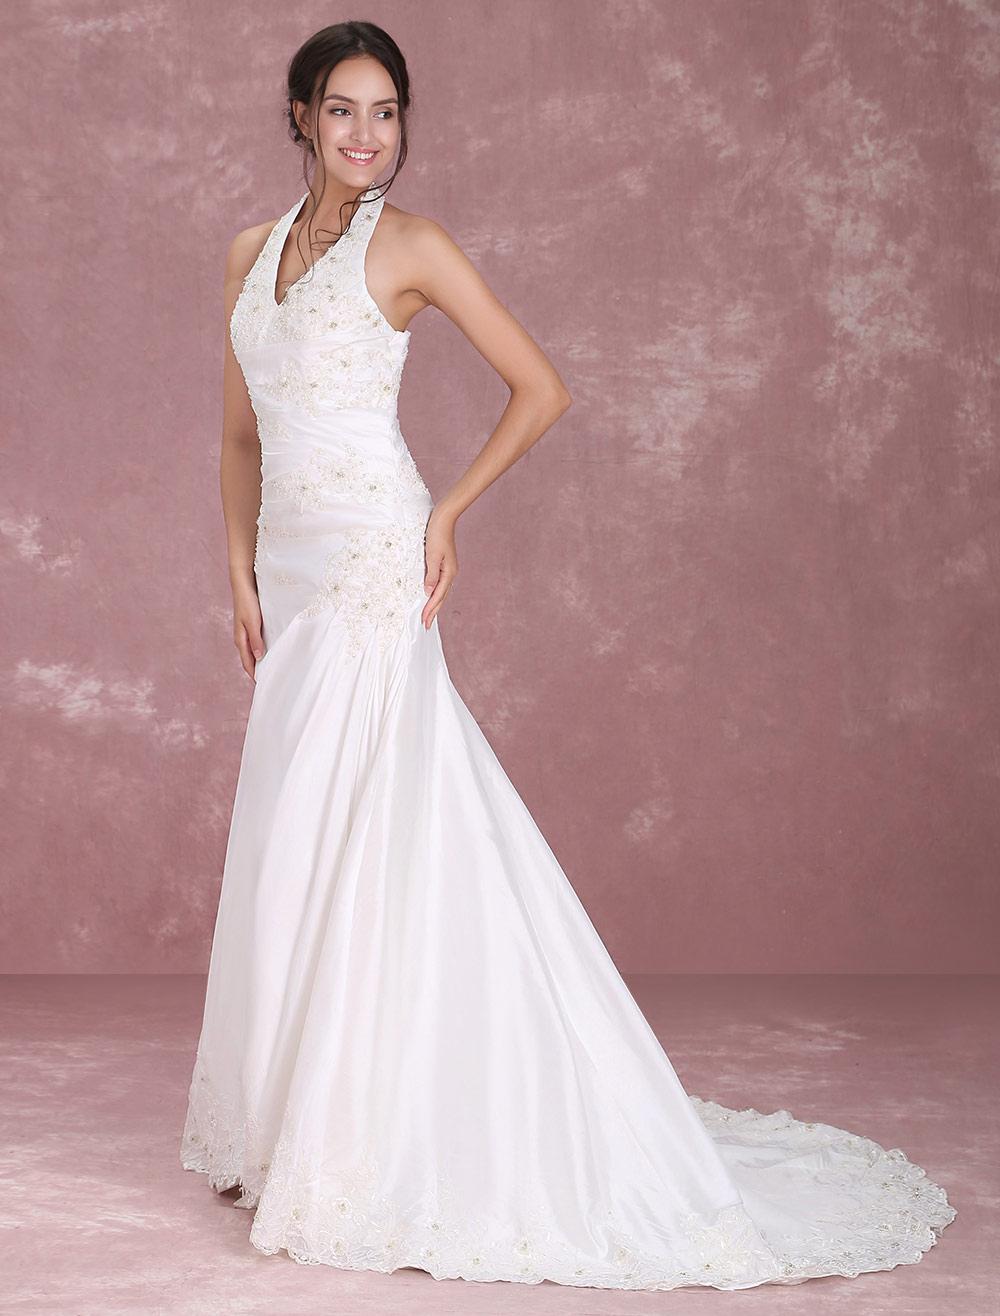 White Halter V-Neck Embroidery Beaded Taffeta Wedding Dress